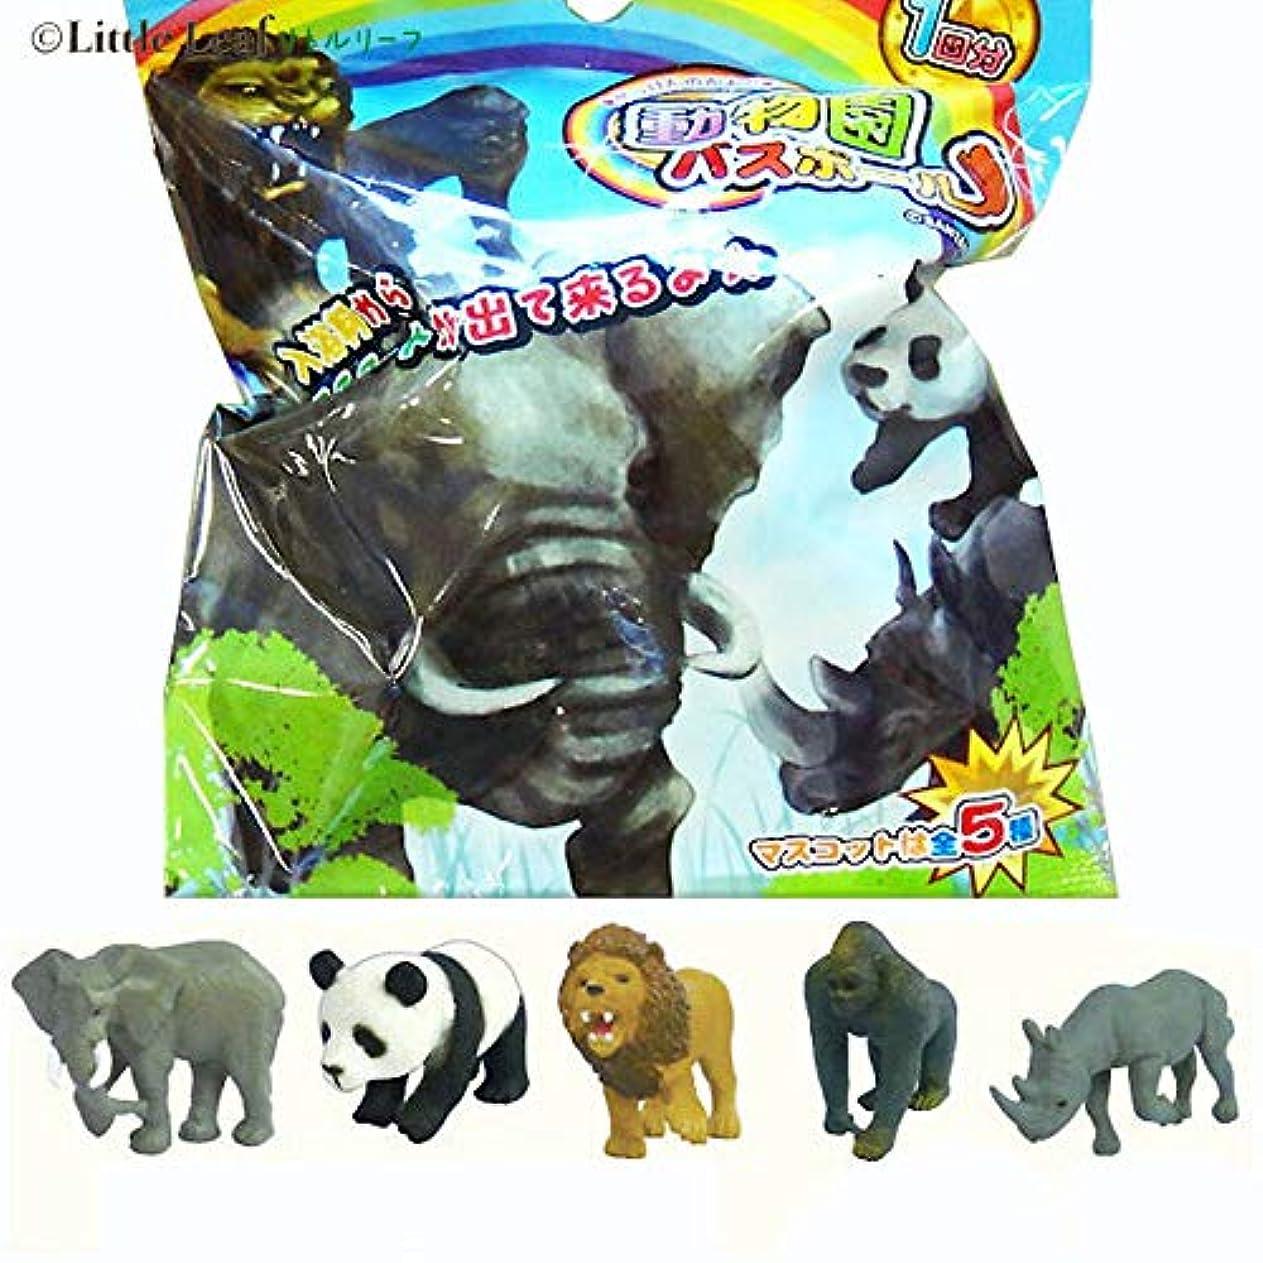 増加する動機確かめる【2個入り】 動物園 陸の生き物 バスボール せっけんの香り ライオンなどのカッコいい生き物 ☆何が出るかはお楽しみ☆